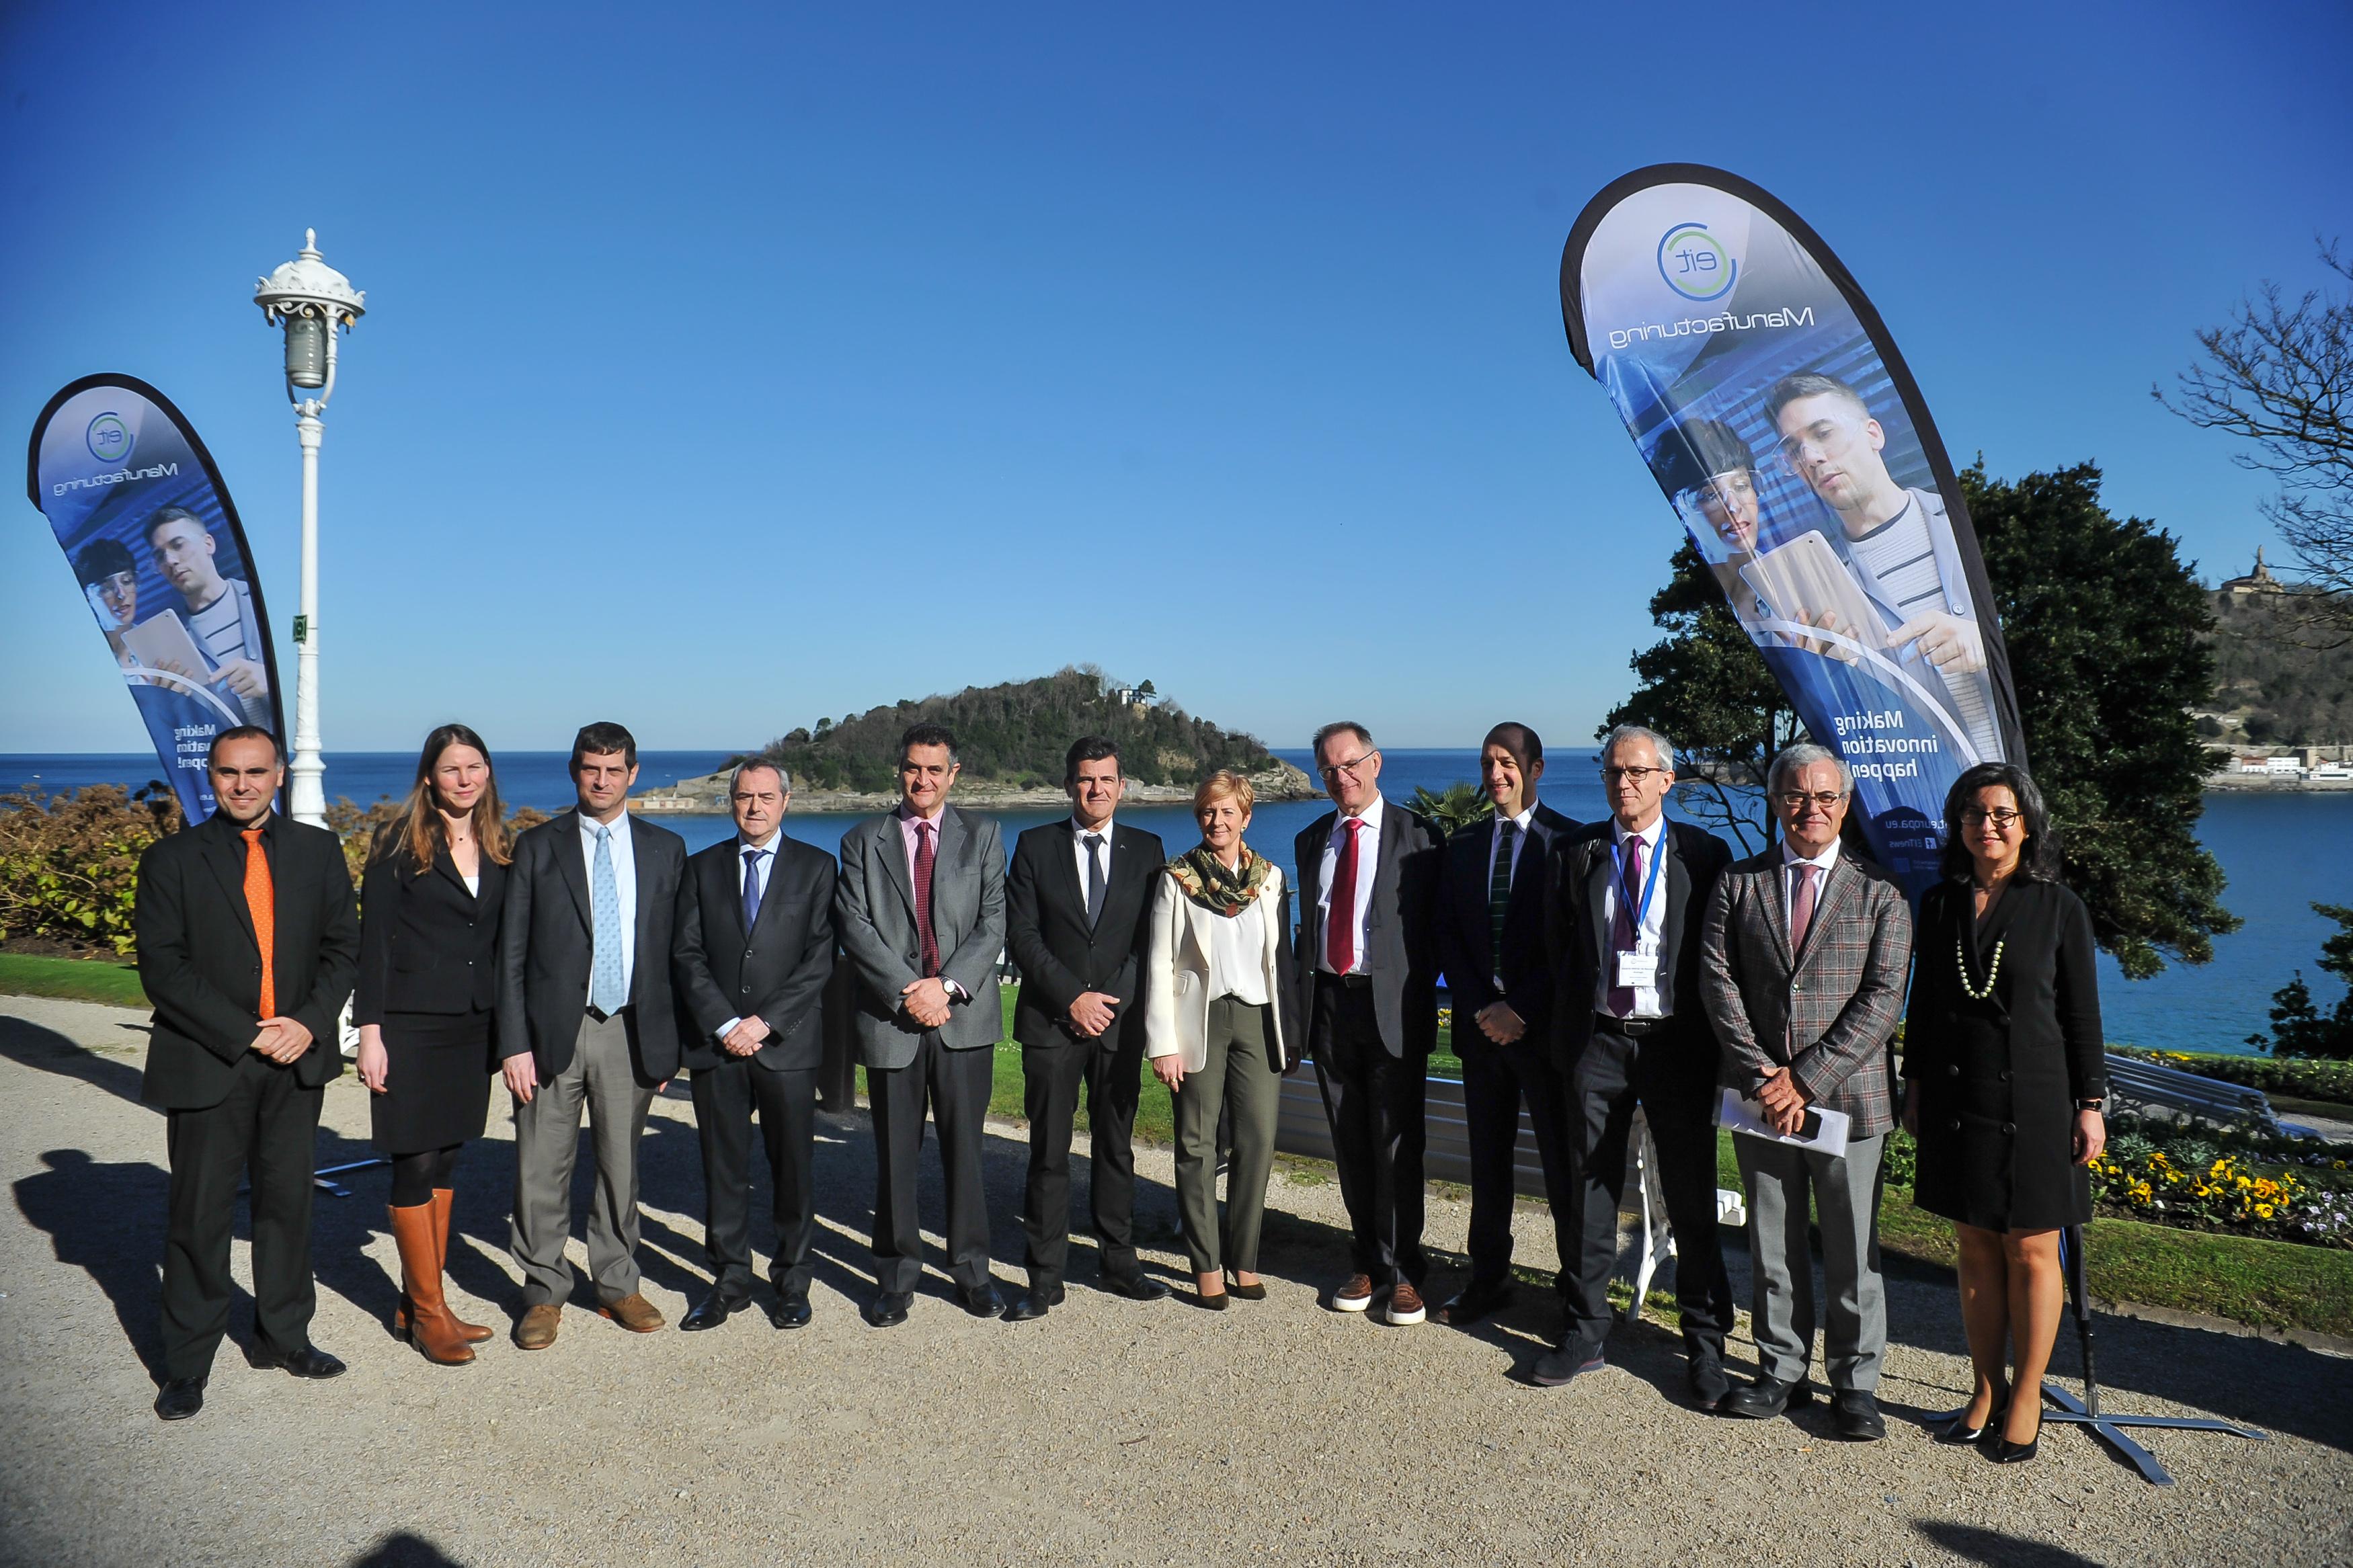 Eit Manufacturing aukera bat da Basque Industry 4.0 estrategiak Europan industria aurreratua finkatzen laguntzeko